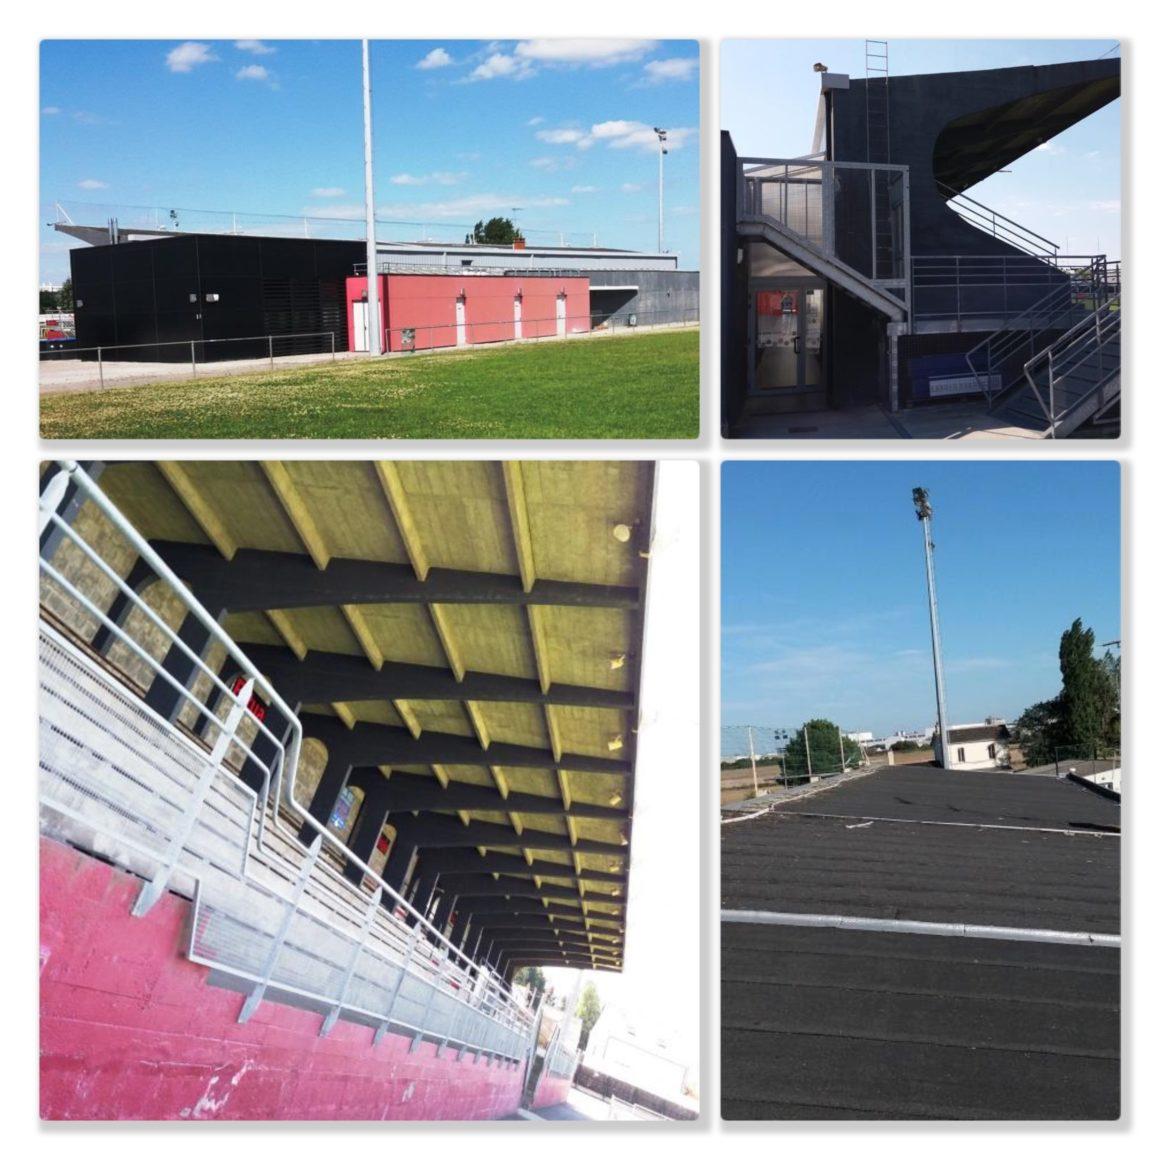 Projet sur la tribune du stade de Trignac: un article dans Estuaire